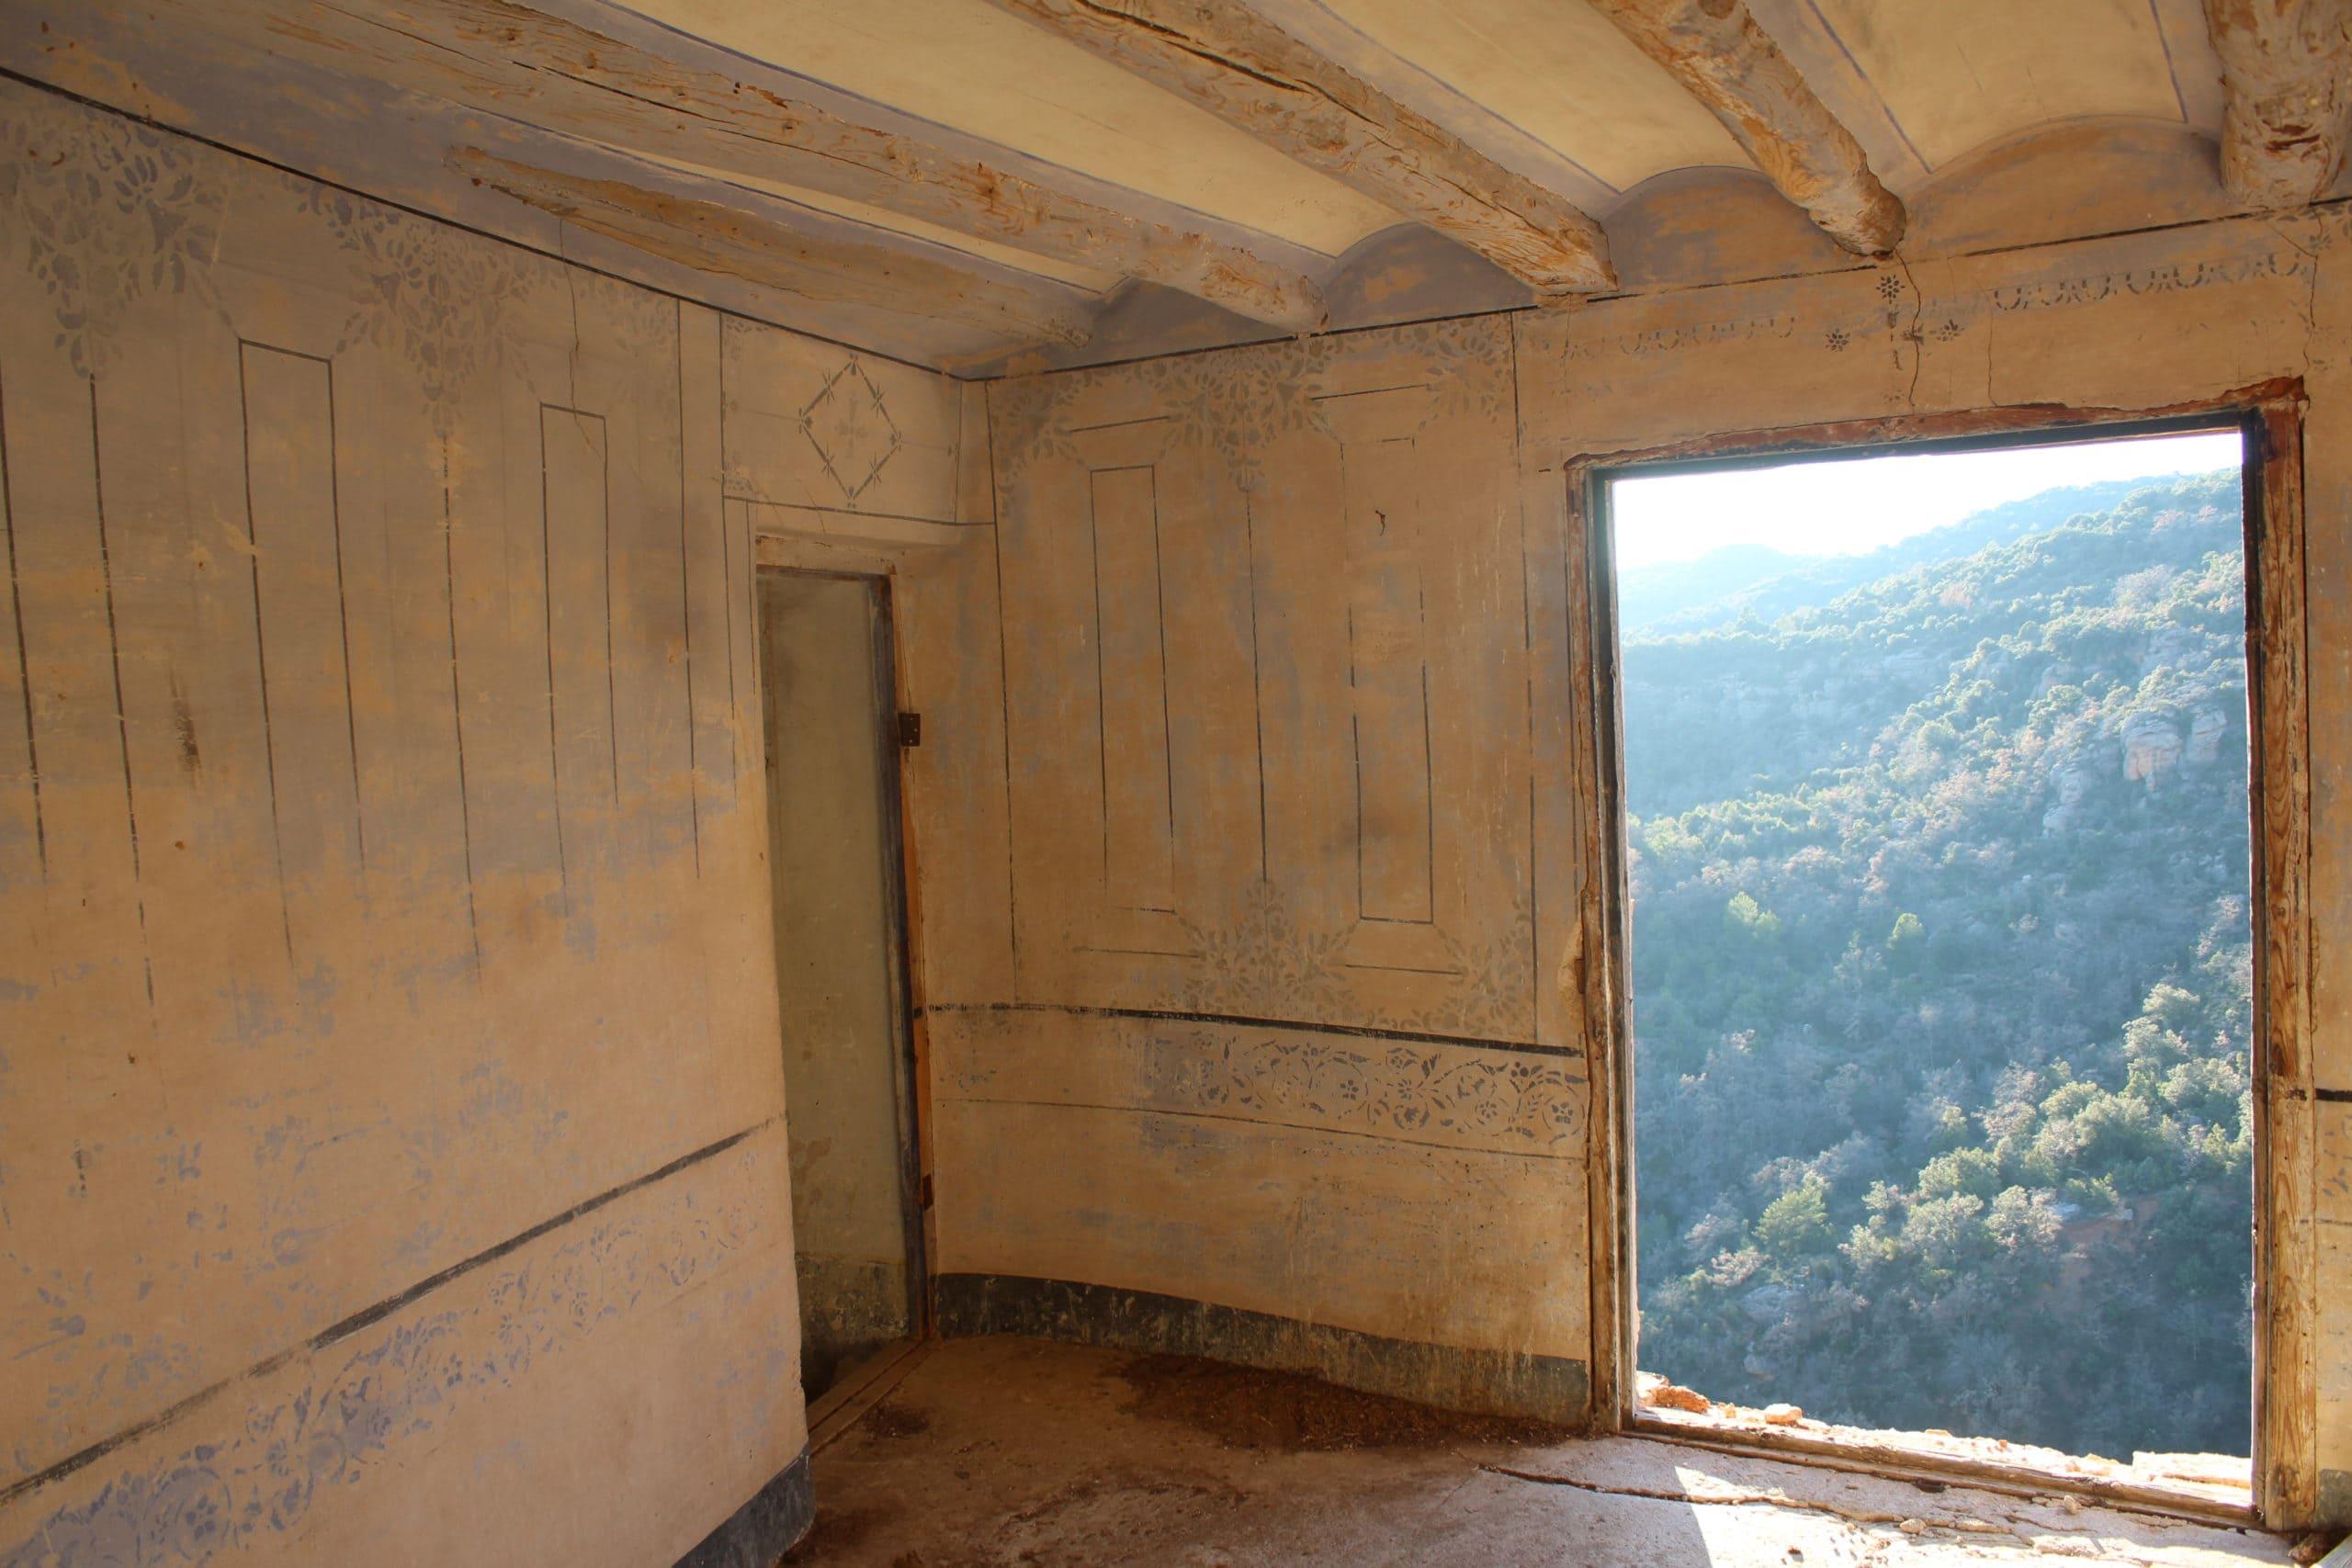 habitación abandonada con vistas al valle